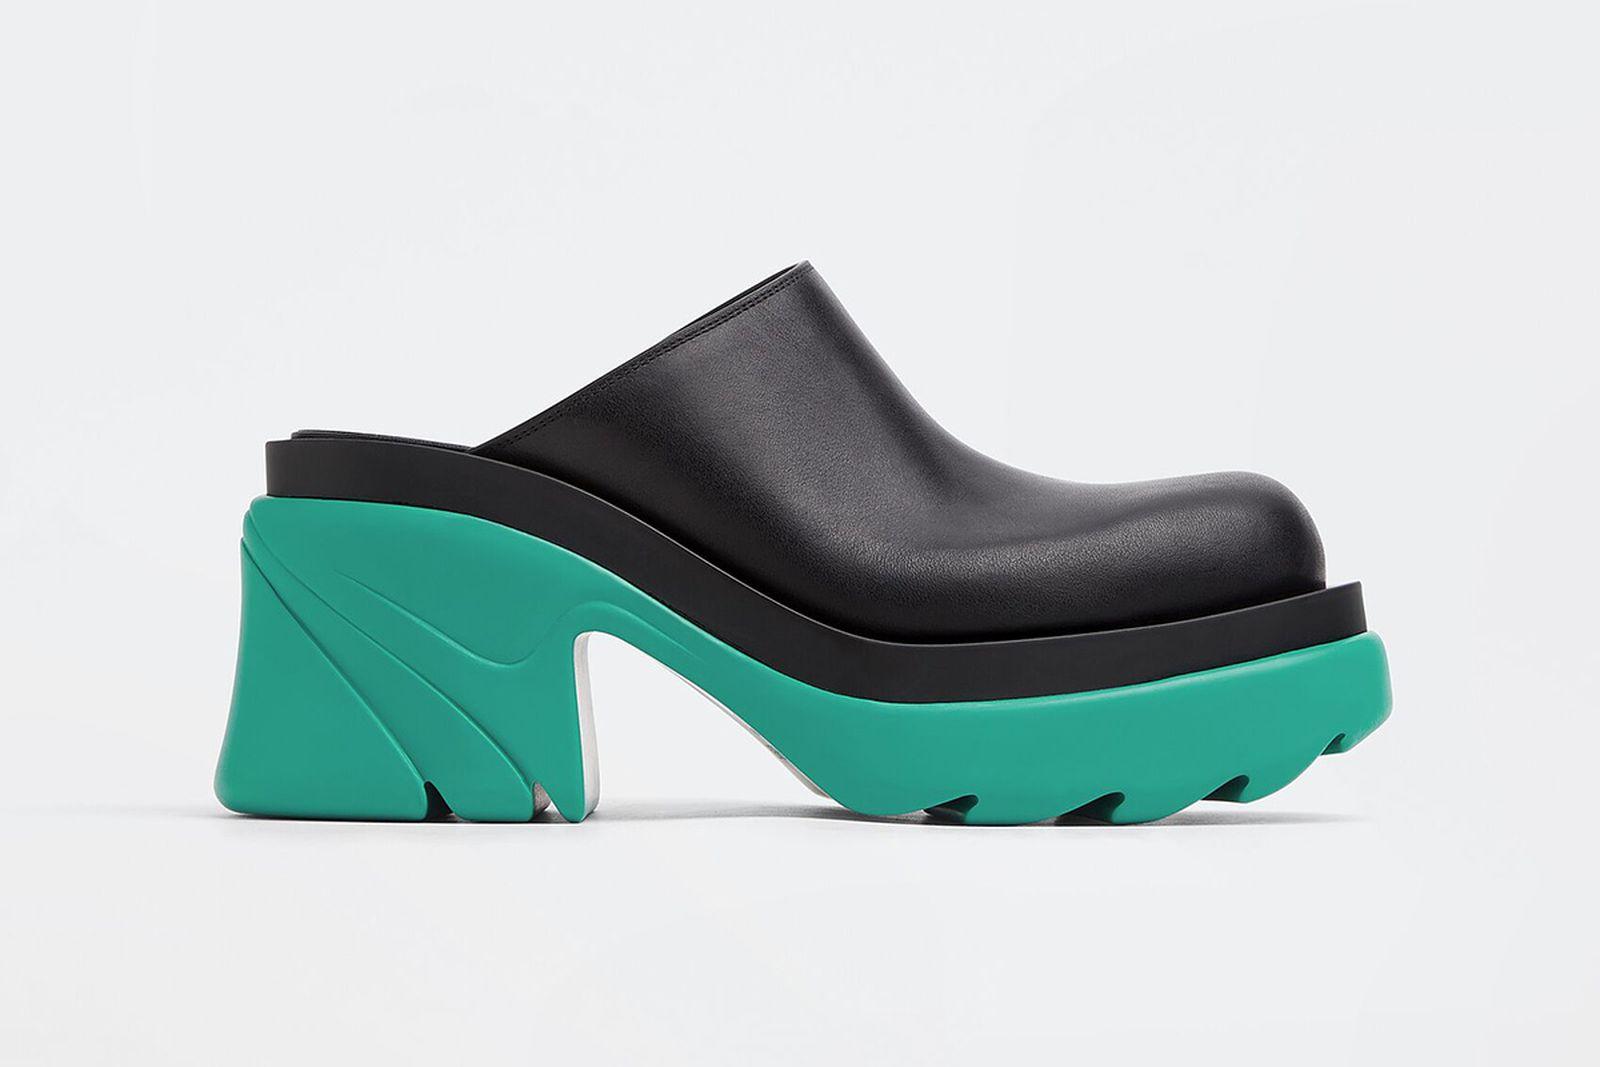 bottega-veneta-resort-2021-footwear-010